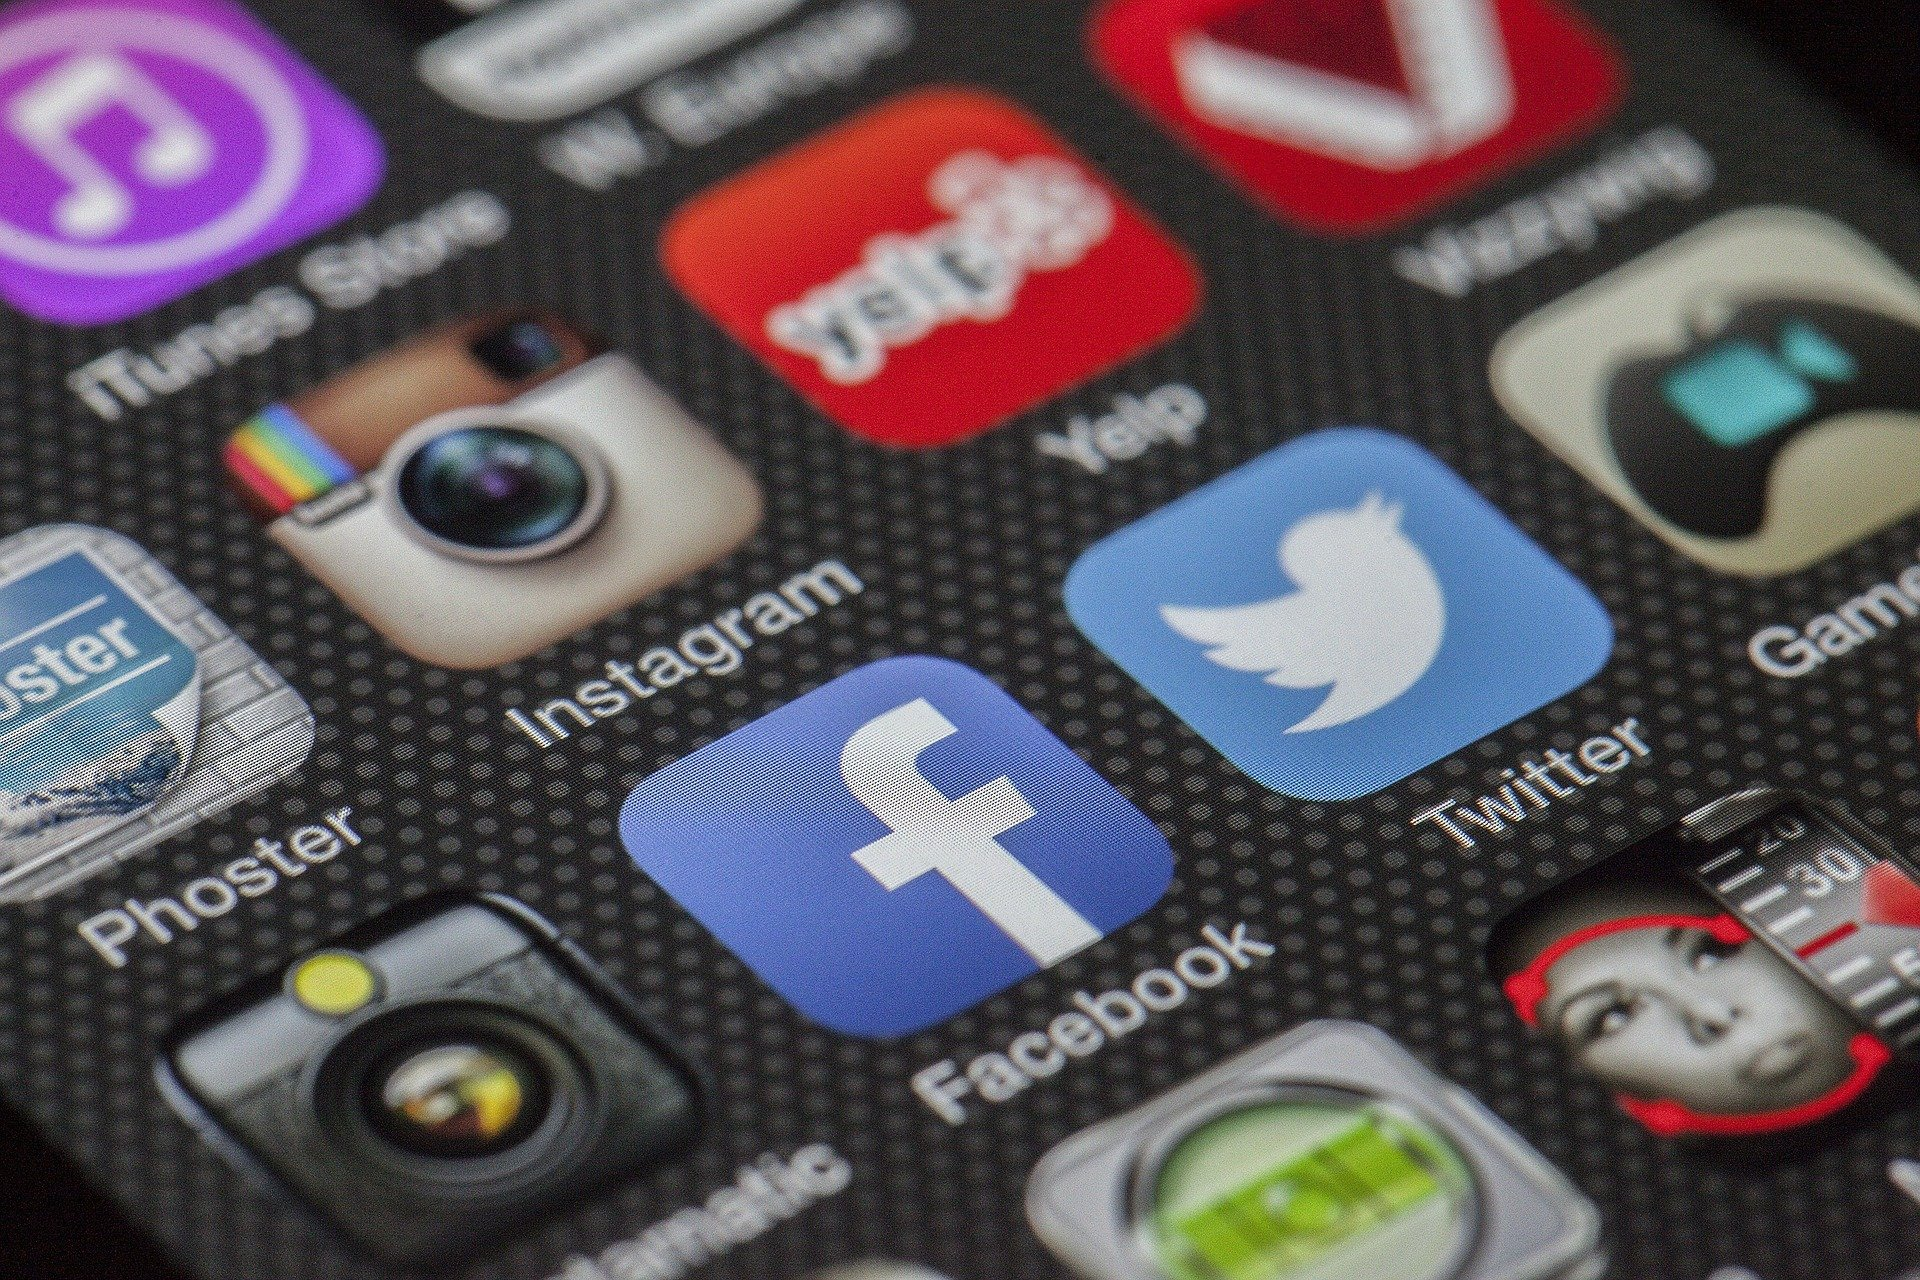 El tiempo usado en redes sociales en ocasiones suele ser demasiado